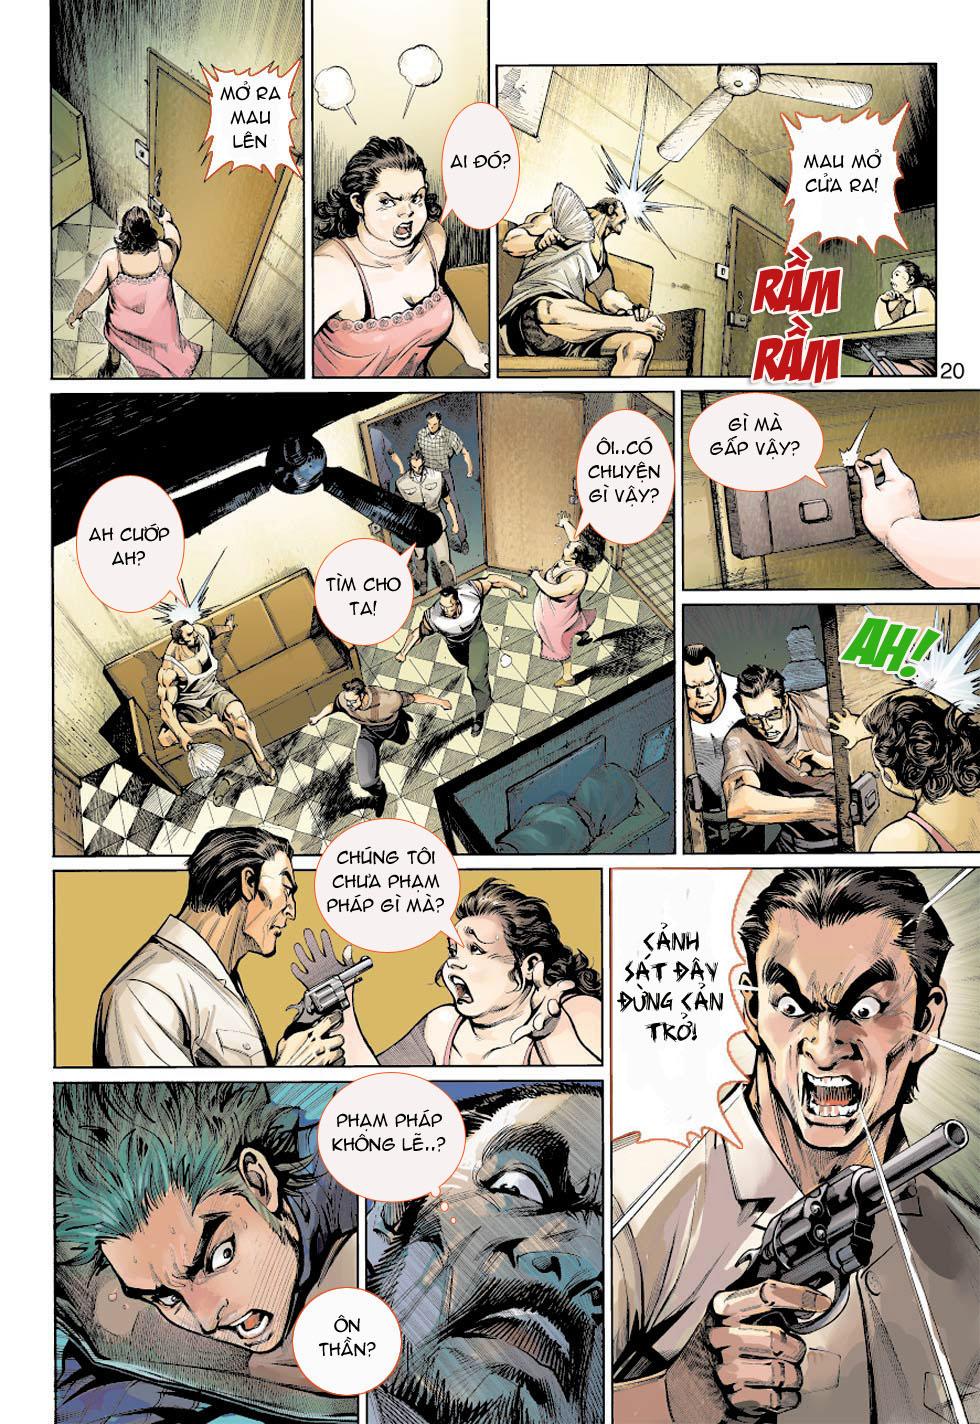 Thần Binh 4 chap 5 - Trang 20